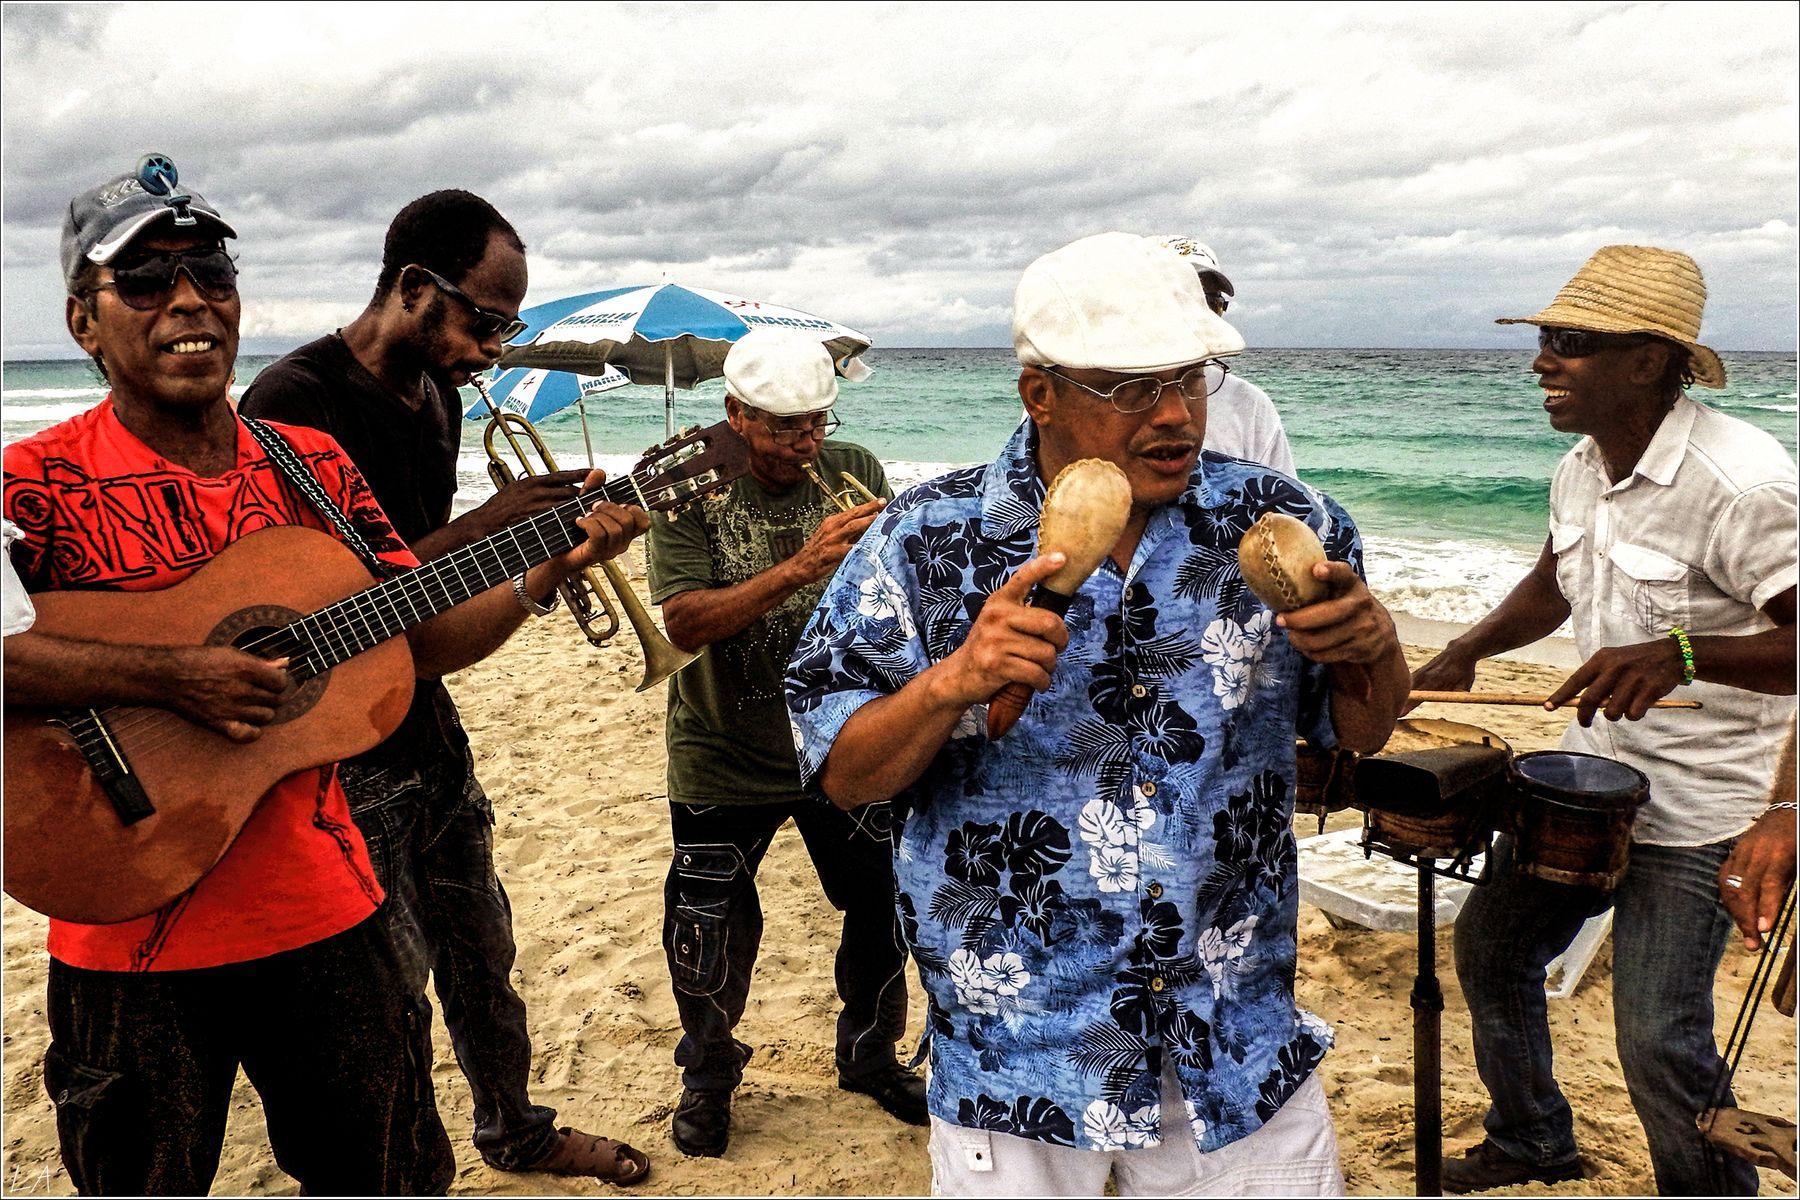 *Пляжный оркестрик на берегу Карибского моря* фотография путешествие Куба Санта Мария пляж море осень оркестр музыканты жанр Фото.Сайт Светлана Мамакина Lihgra Adventure